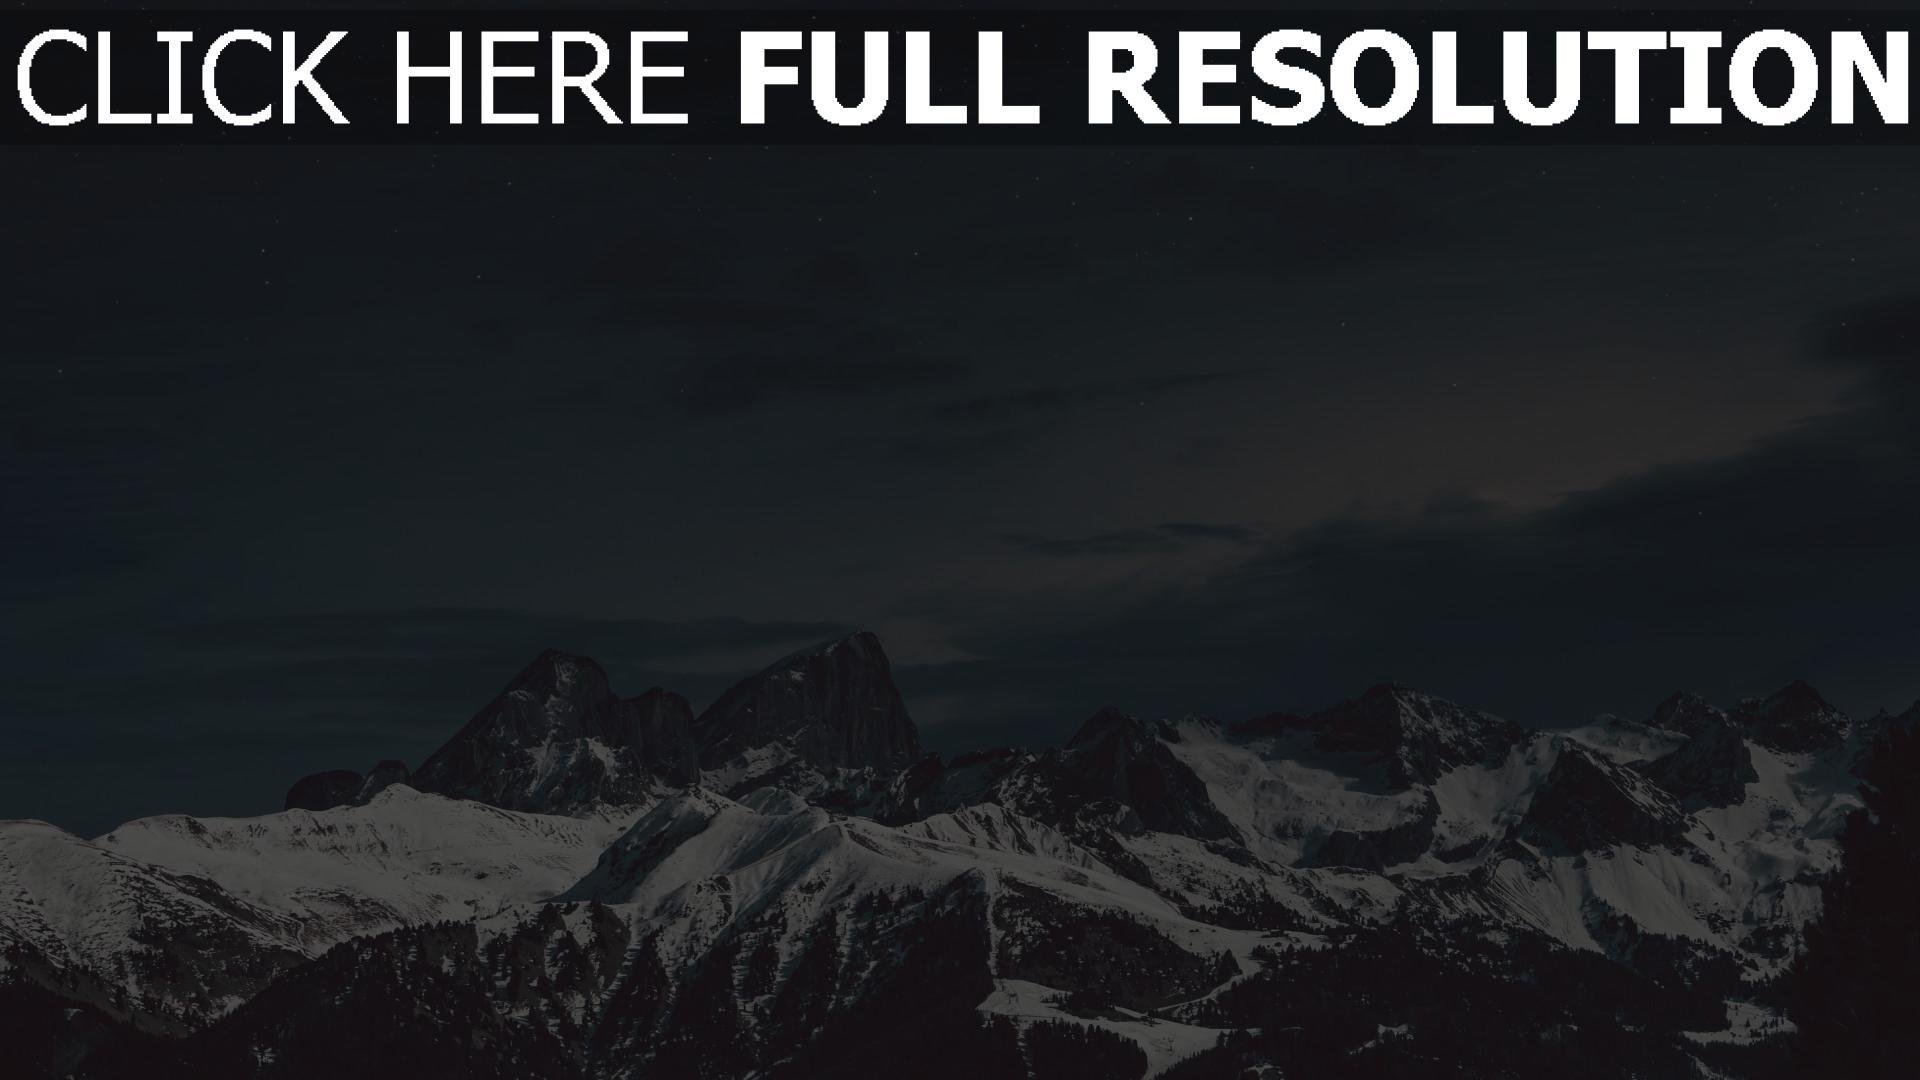 hd hintergrundbilder nacht schnee himmel berge 1920x1080